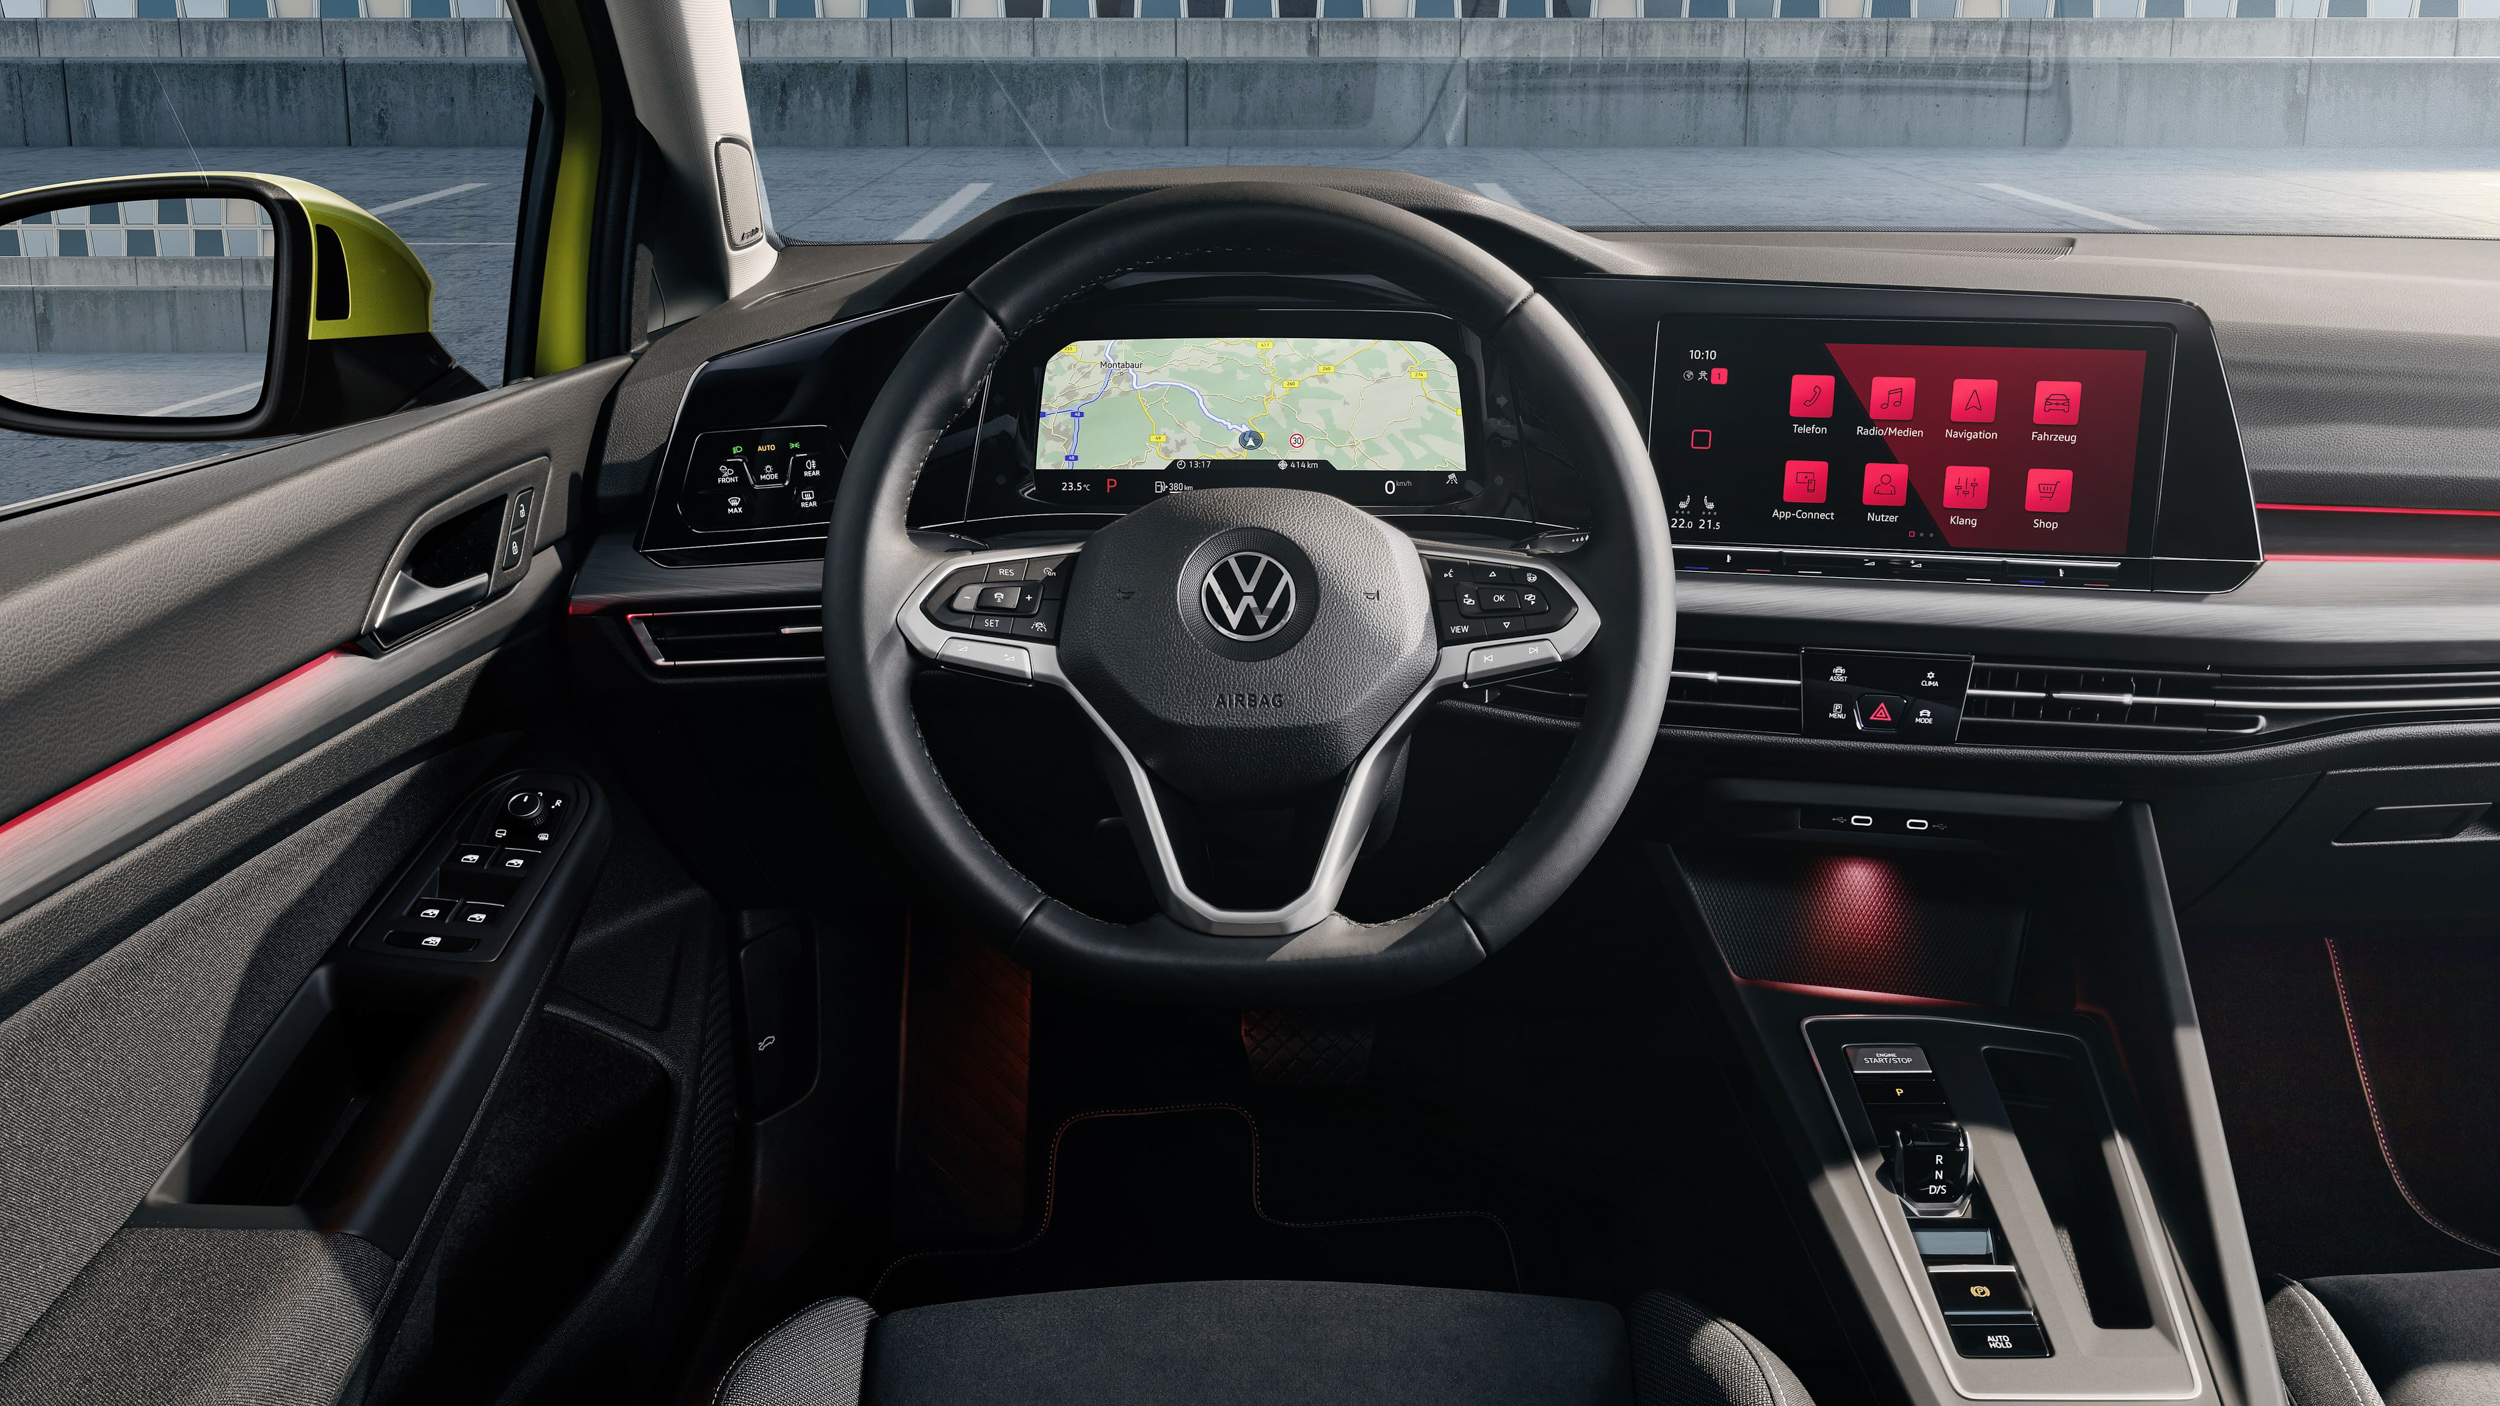 8代Golf導入新世代的數位化駕駛導向座艙,捨棄以實體旋鈕為主的傳統內裝,大幅採用智慧觸控式面板。